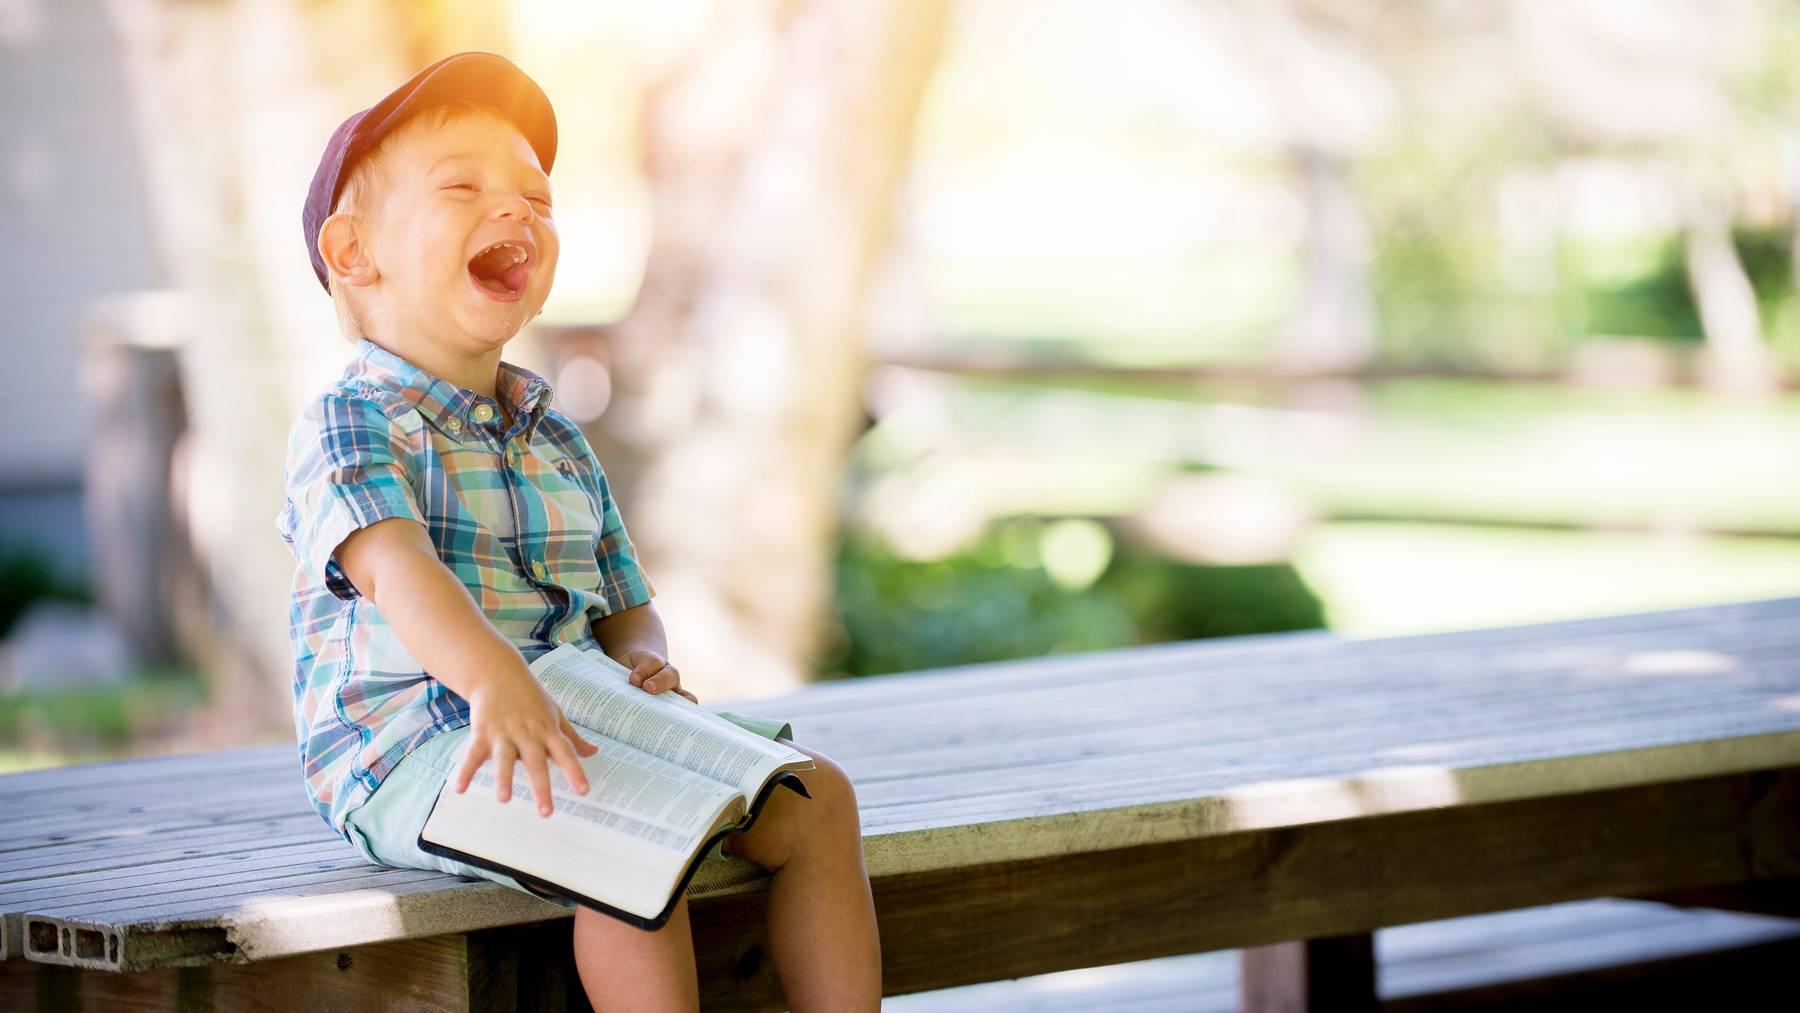 Kind Bub lachen lustig